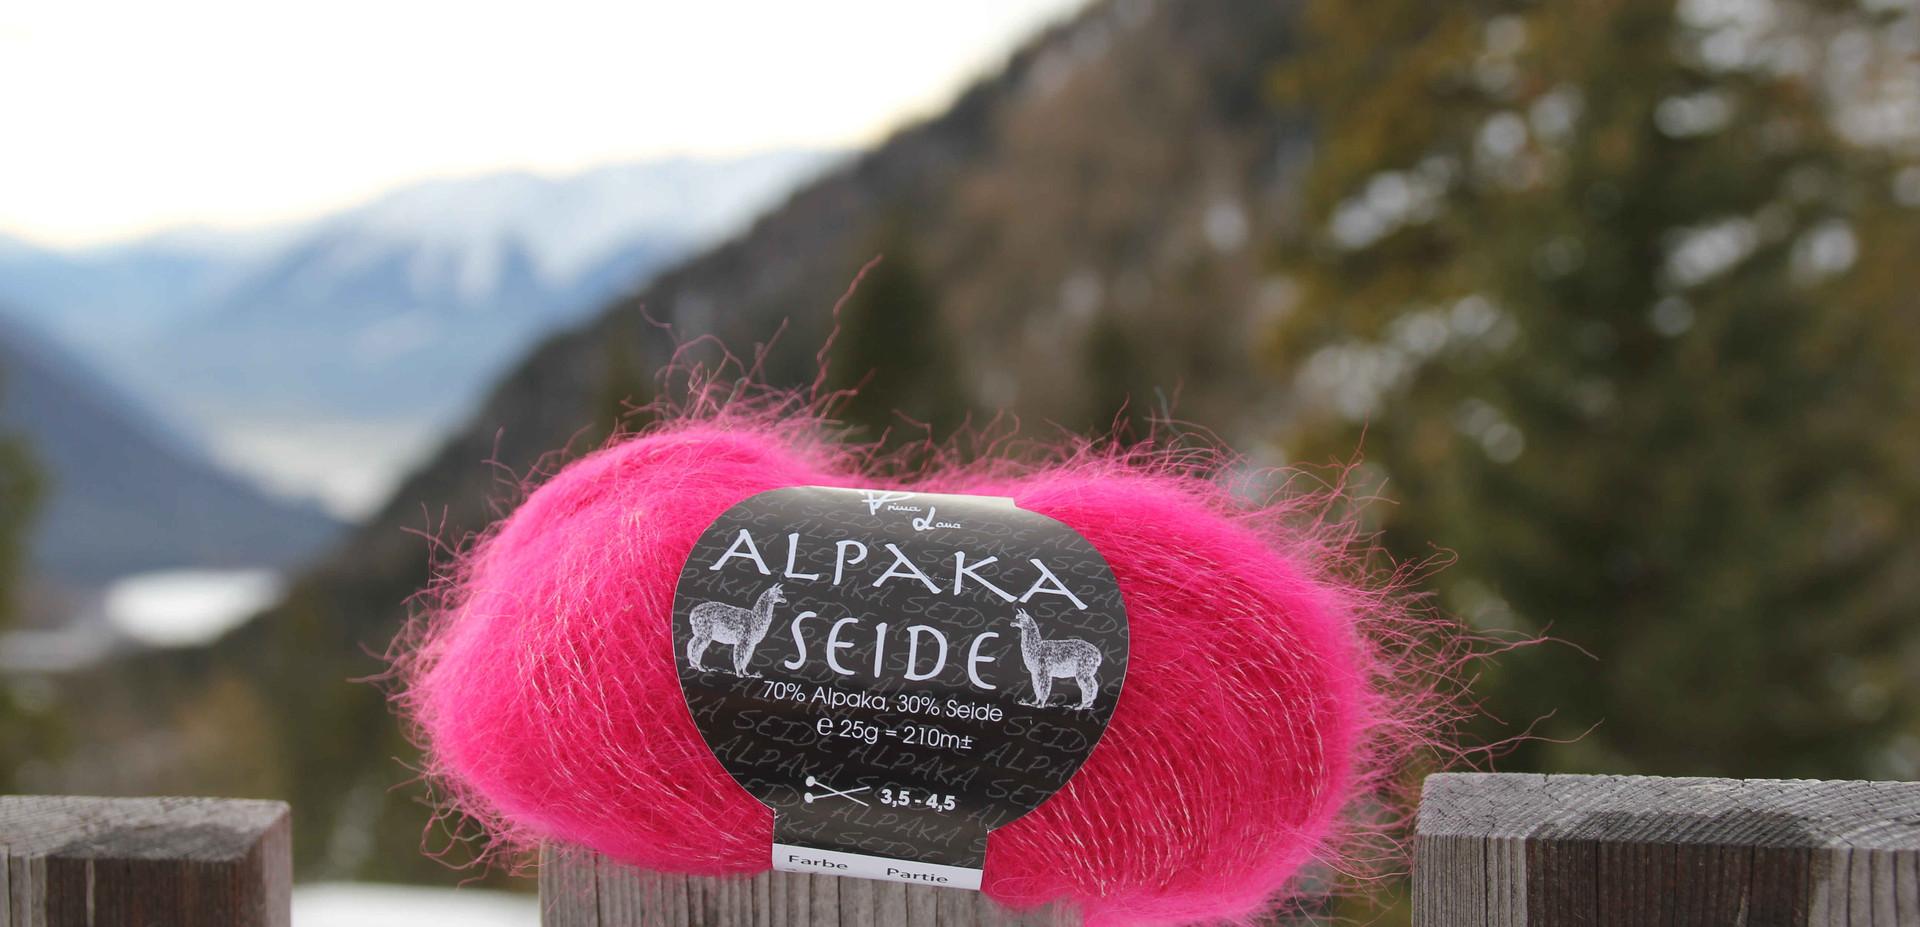 Alpaka Seide red.jpg